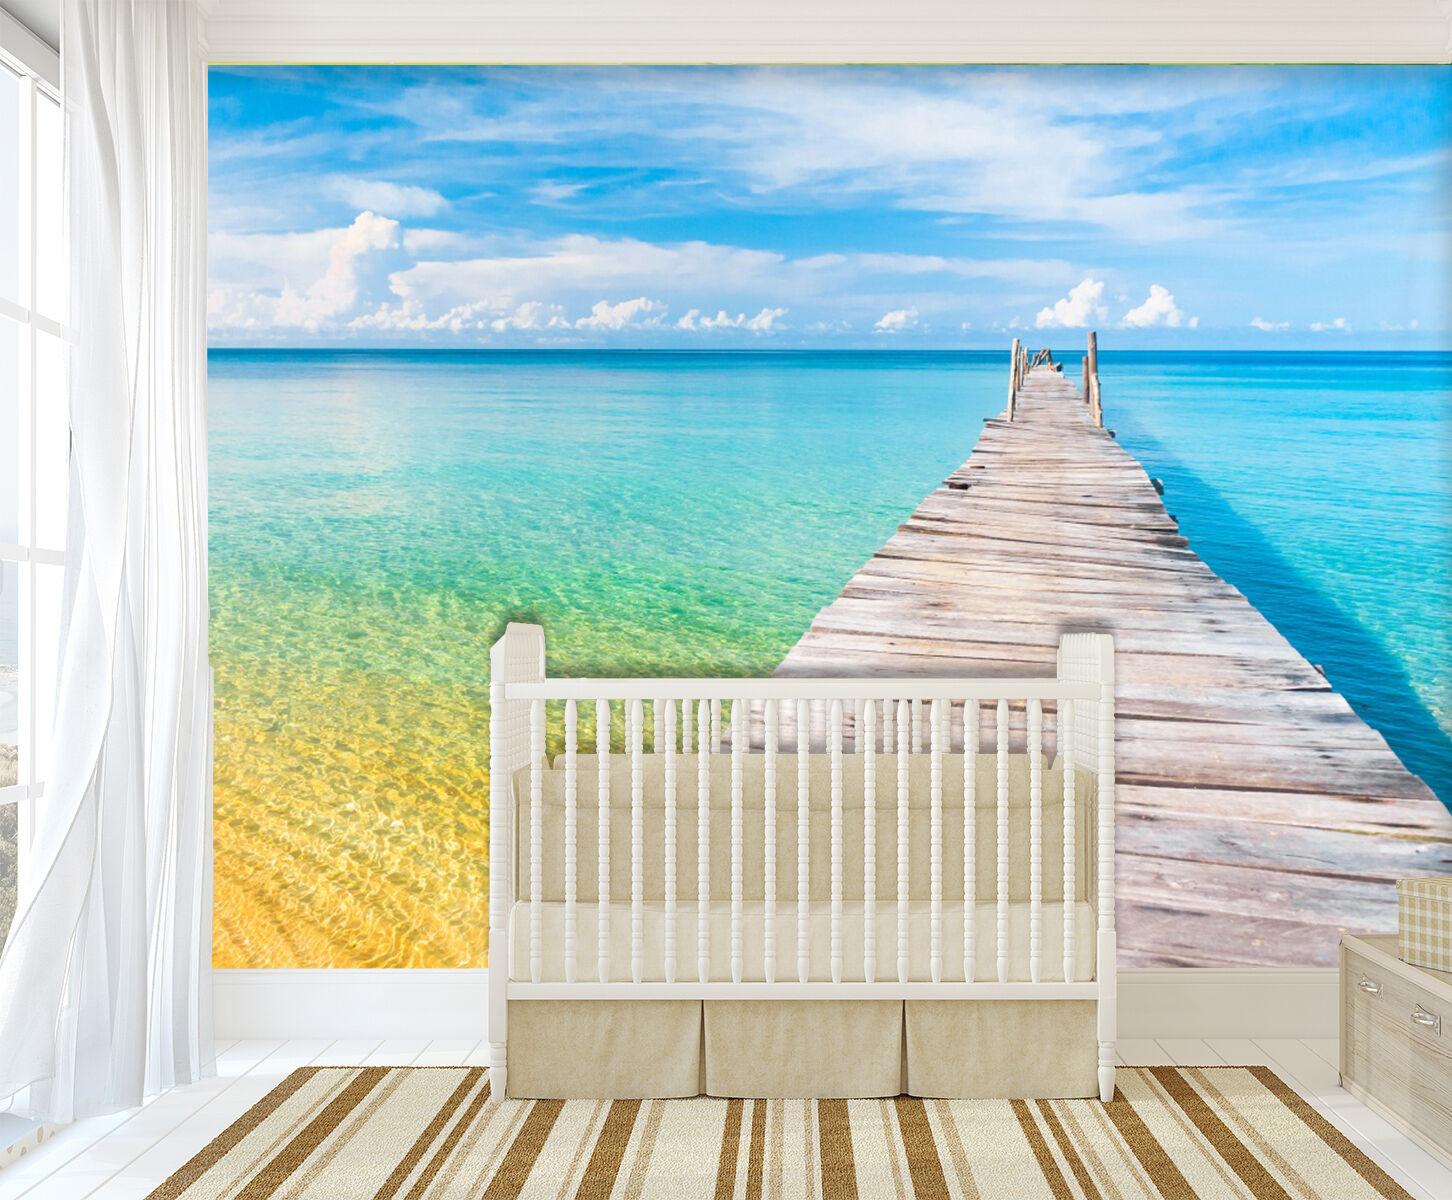 3D Ocean Bridge 883 WallPaper Murals Wall Print Decal Wall Deco AJ WALLPAPER